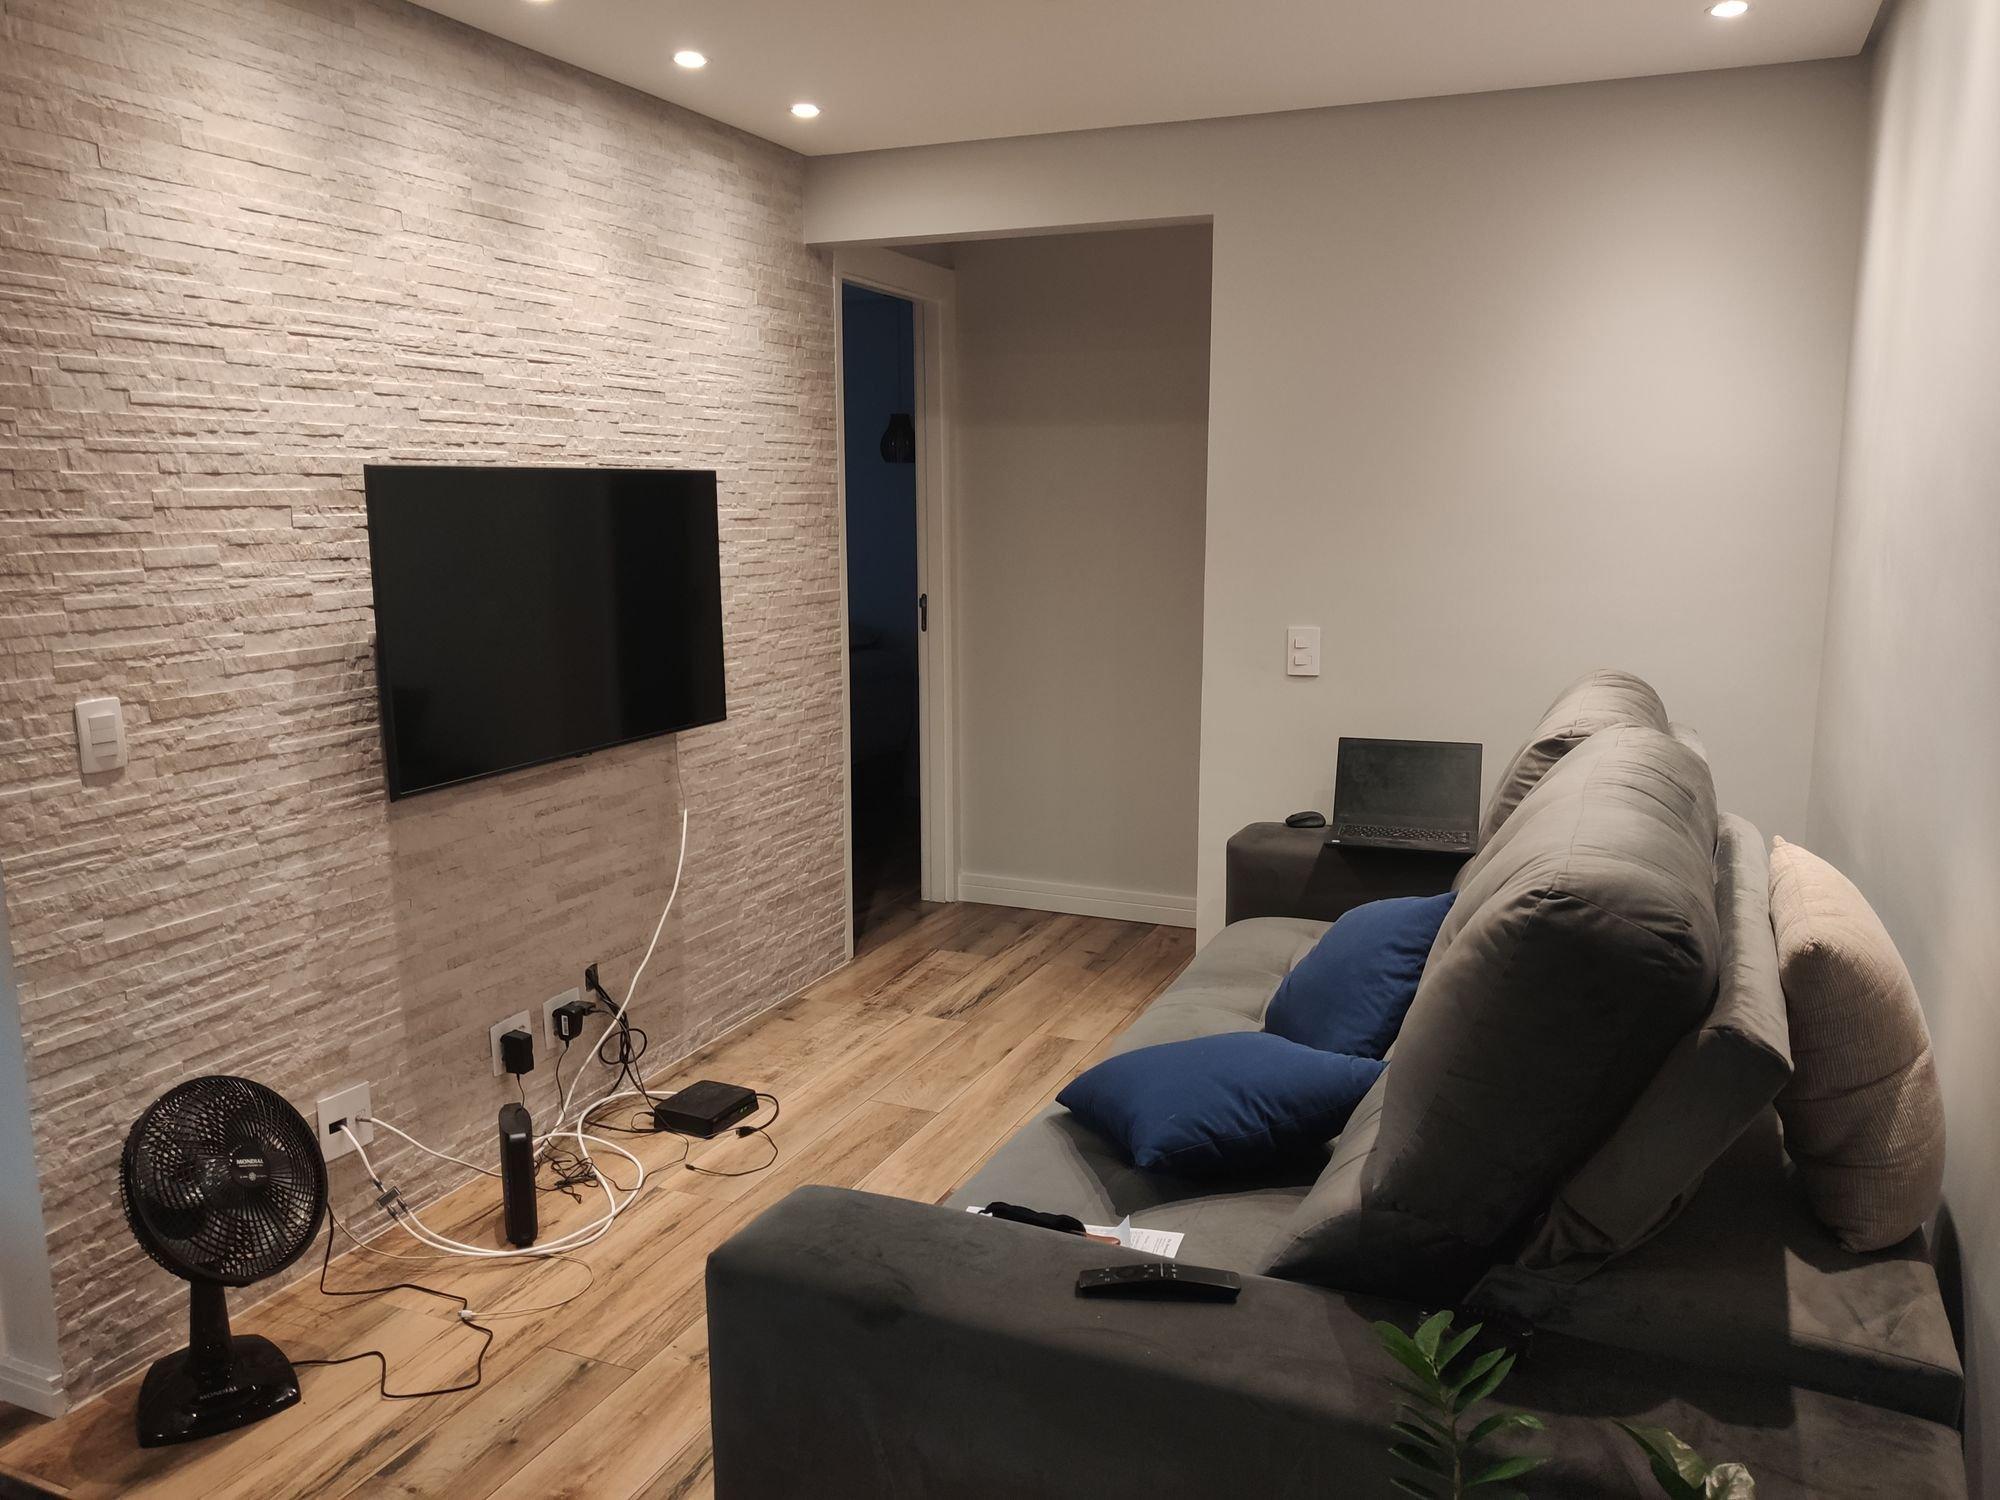 Foto de Sala com computador portátil, controle remoto, sofá